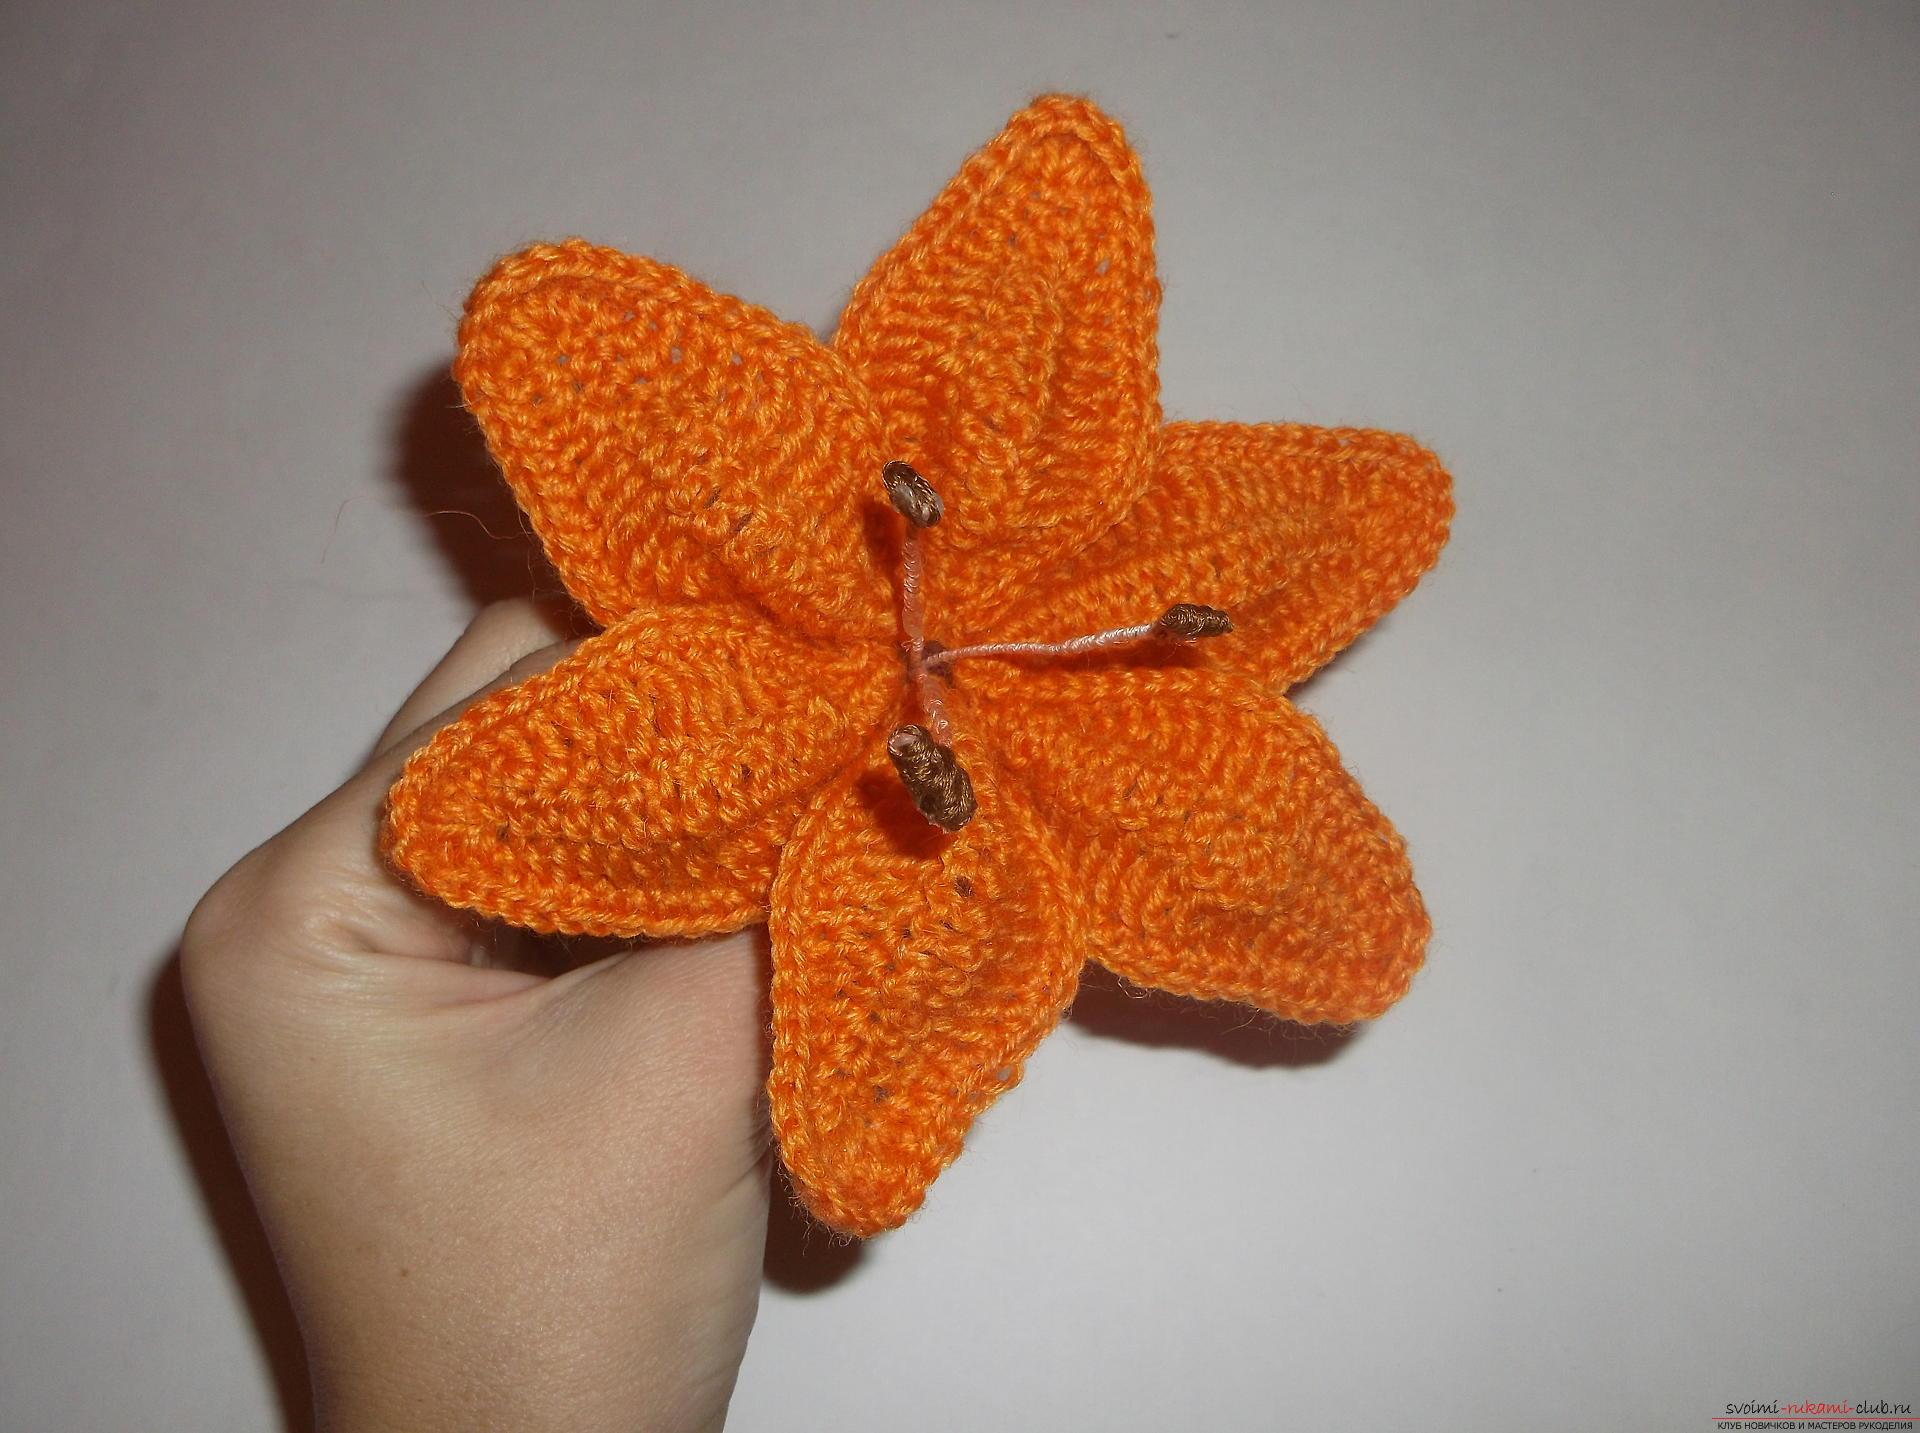 Фото к уроку по вязанию крючком лилии. Фото №9